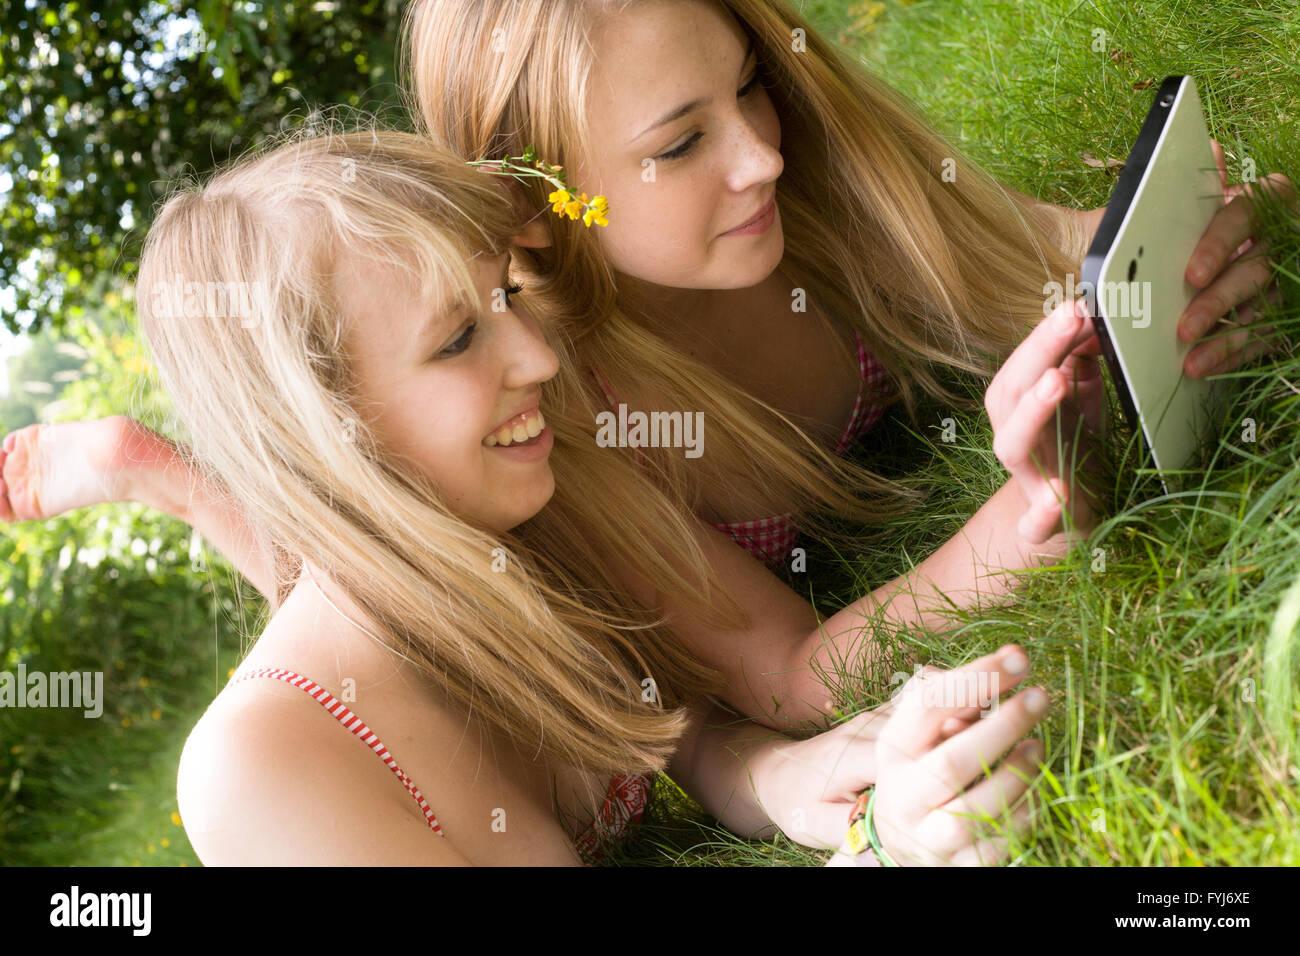 Las niñas y un touchpad Imagen De Stock